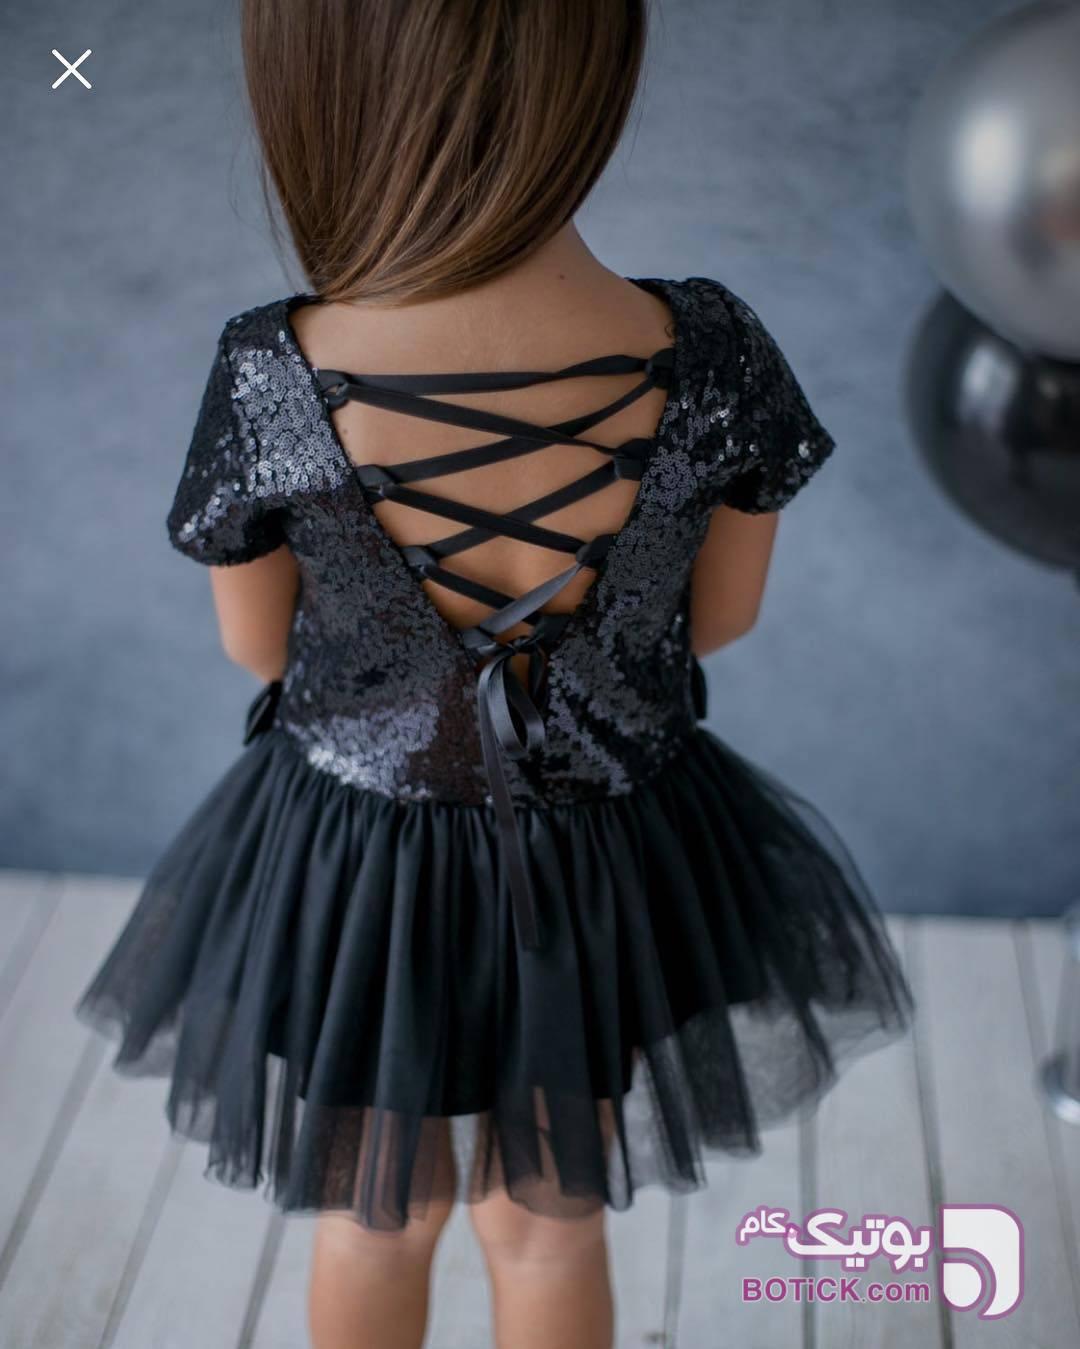 پيرهن مشکی لباس کودک دخترانه